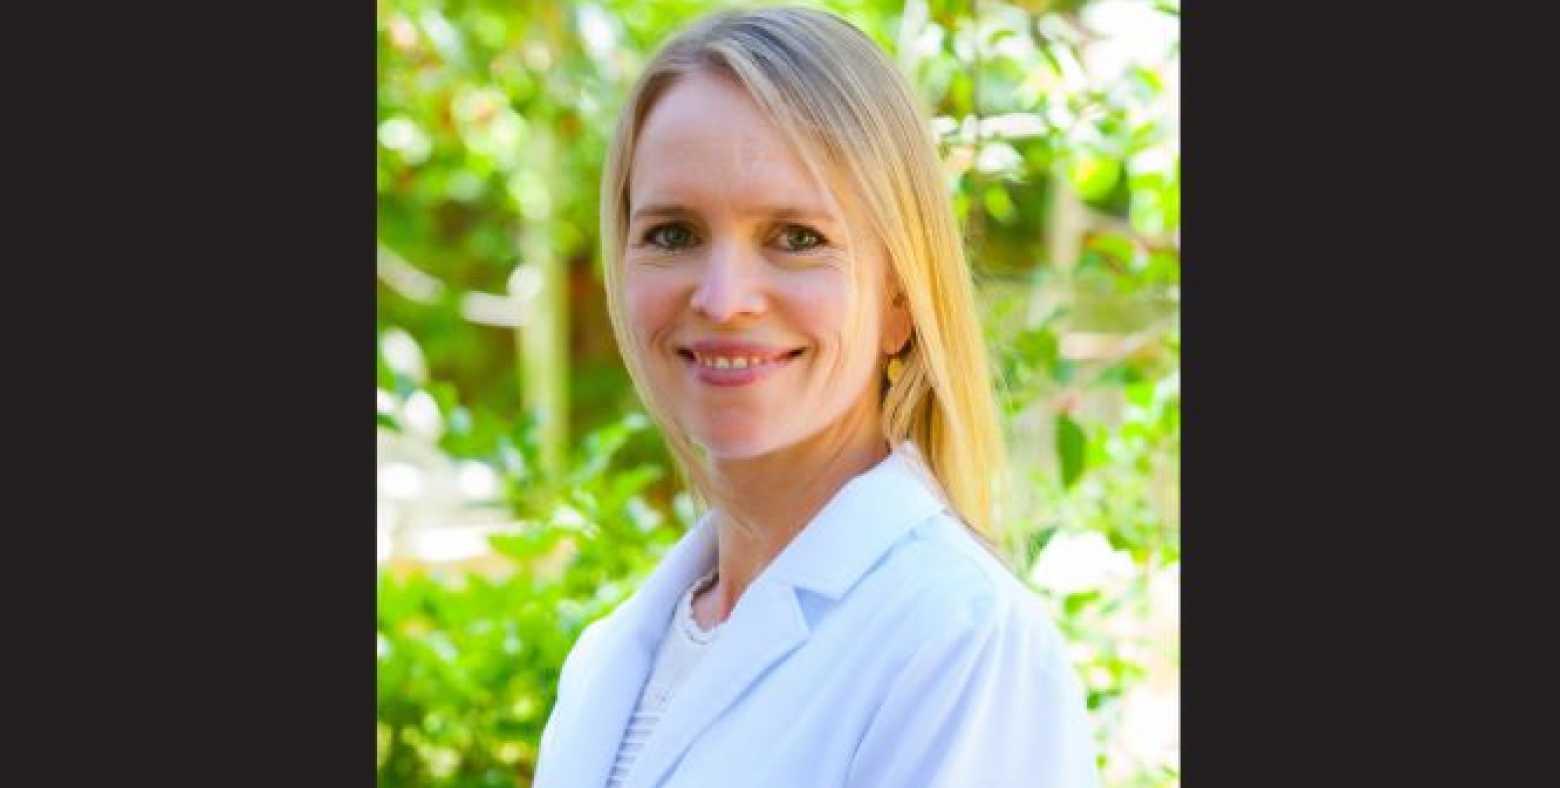 Dr. Annamieka Conway headshot